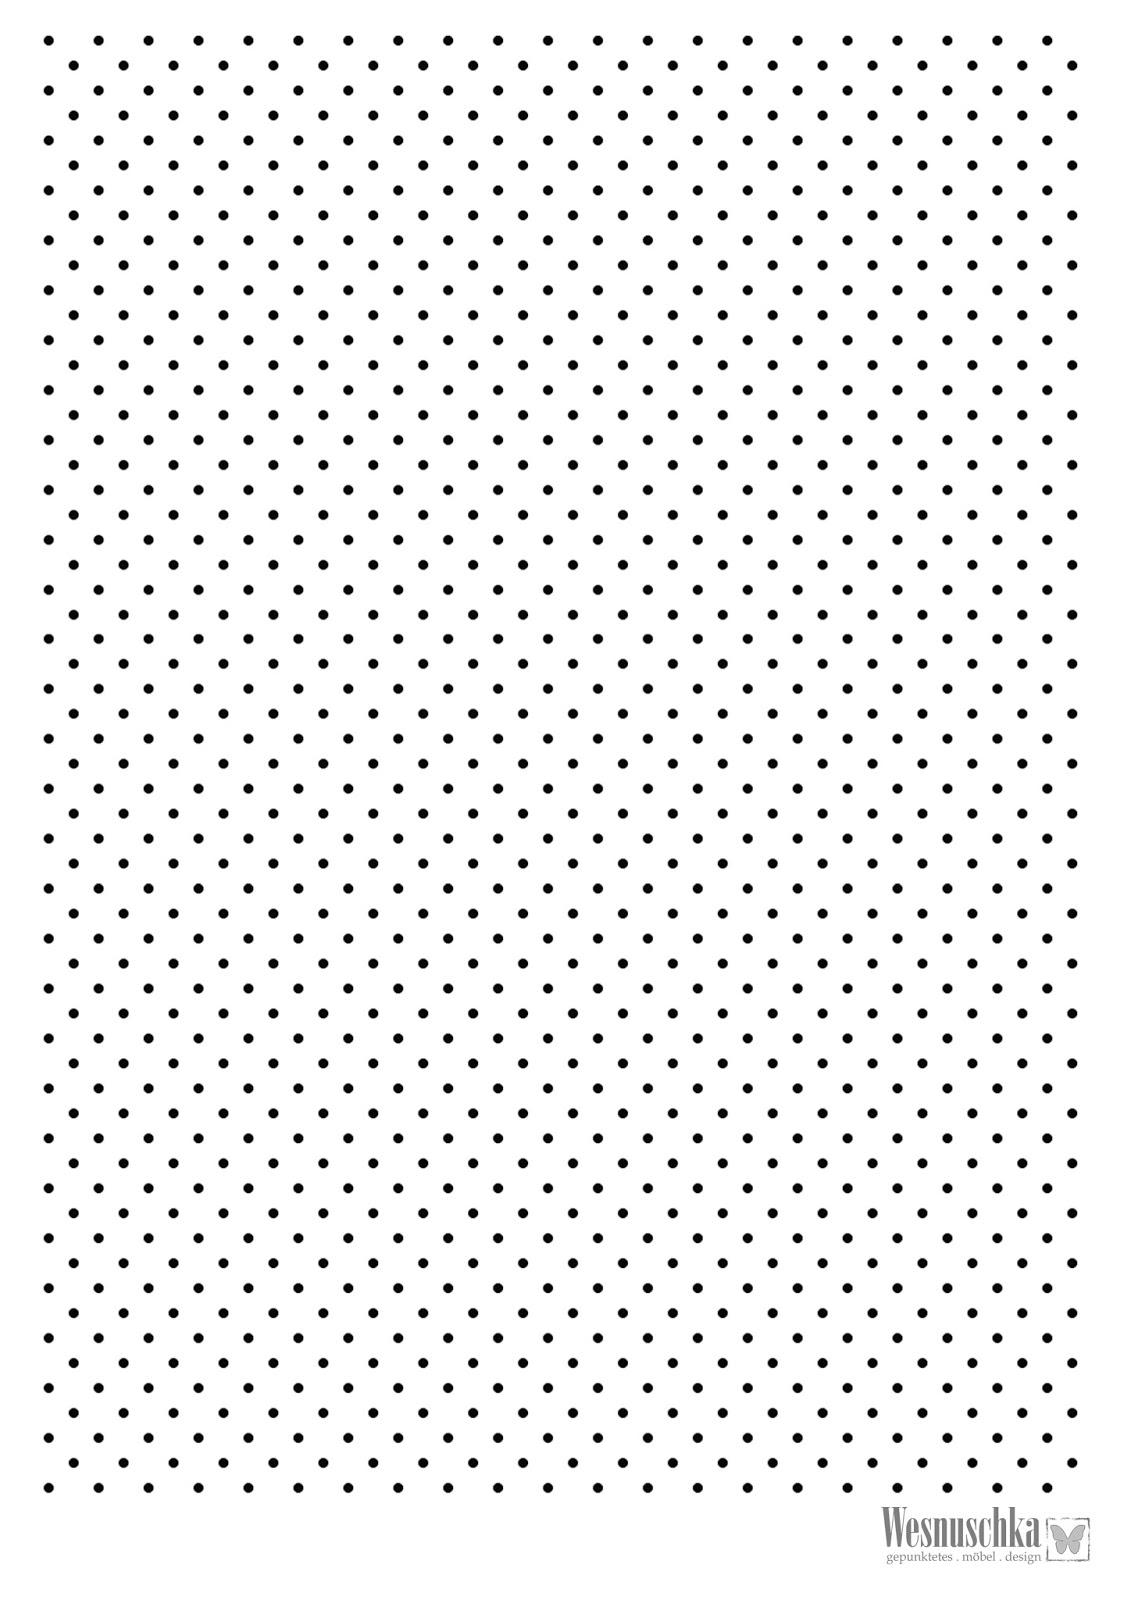 Nett Punkt Papier Vorlage Galerie - Bilder für das Lebenslauf ...